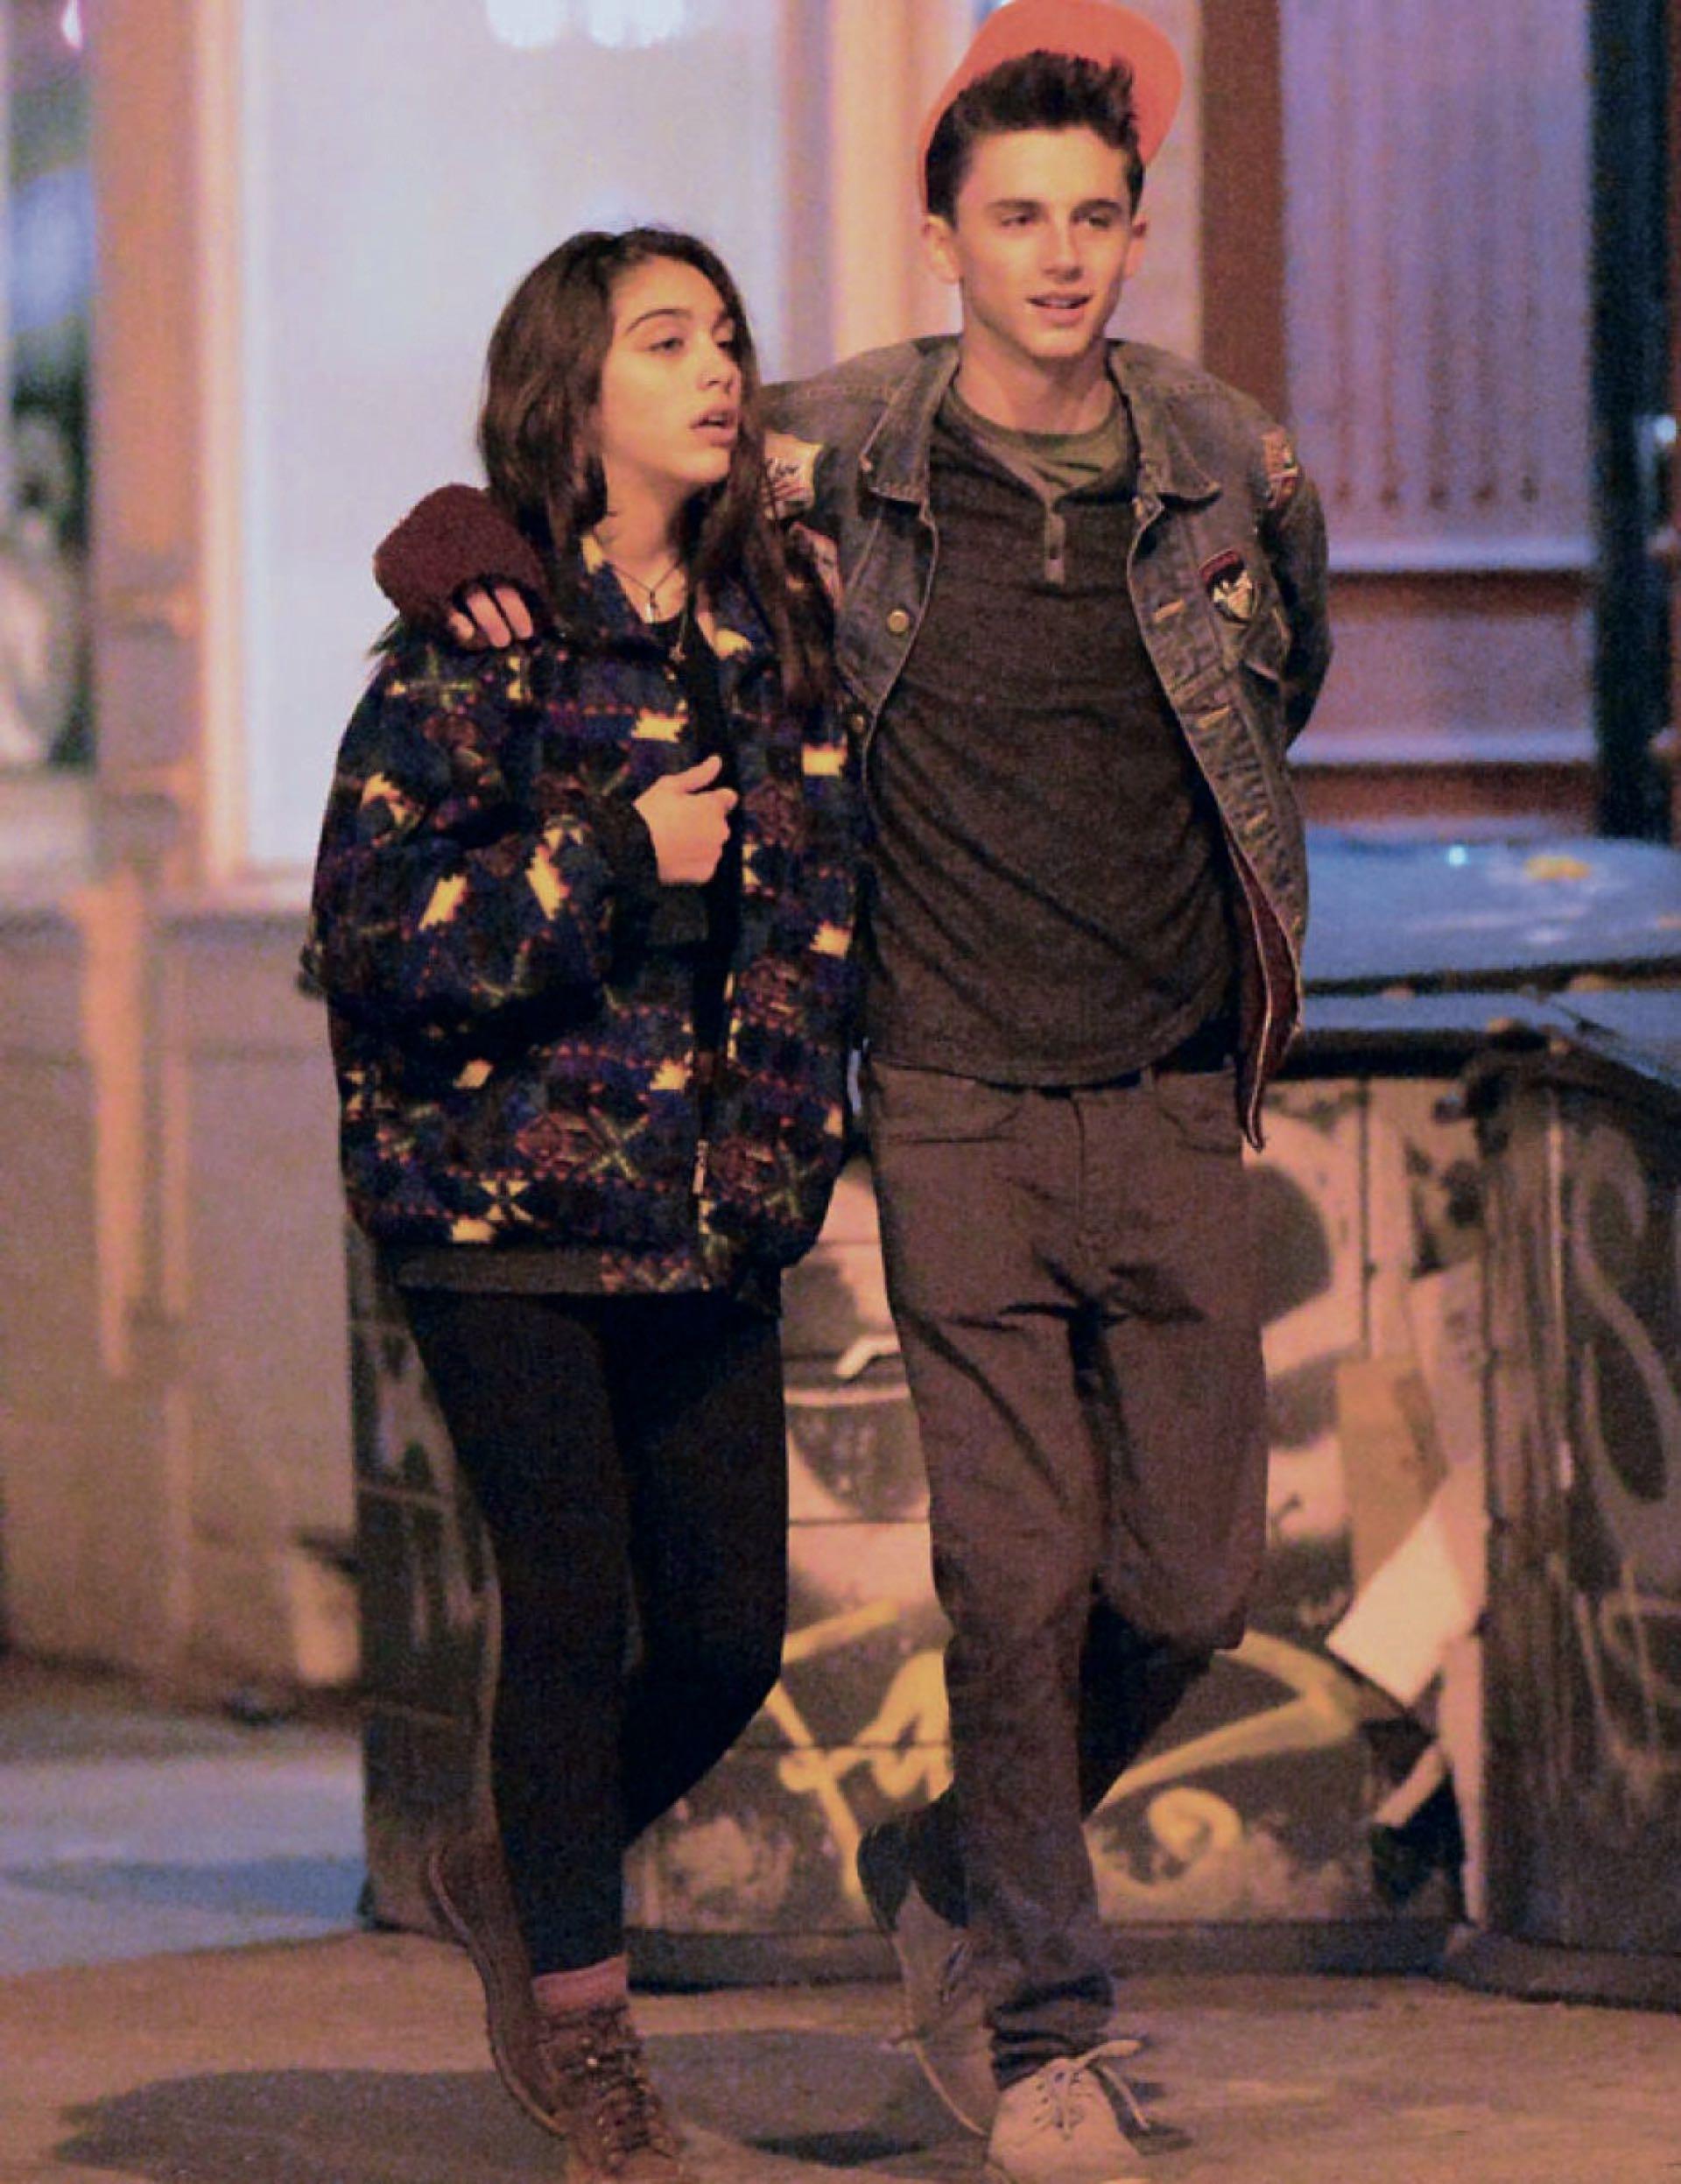 Hace varios años, Timothée junto a Lourdes León, quienes tuvieron un breve romance.